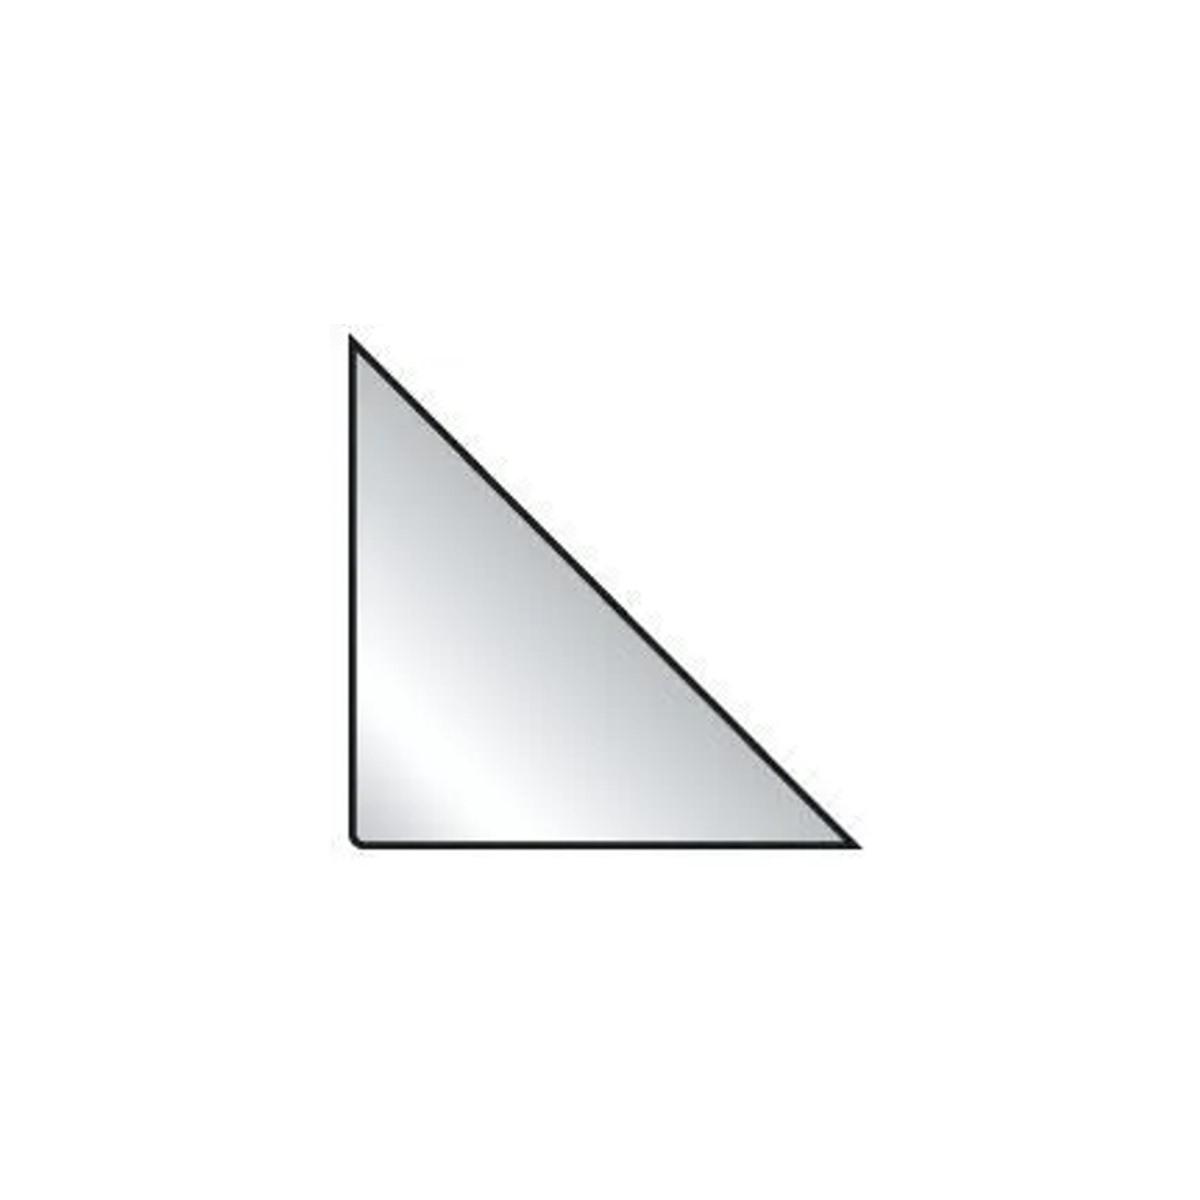 Bolsas Auto Adesivas Triangular A4 - Porta Arquivos 170x170mm